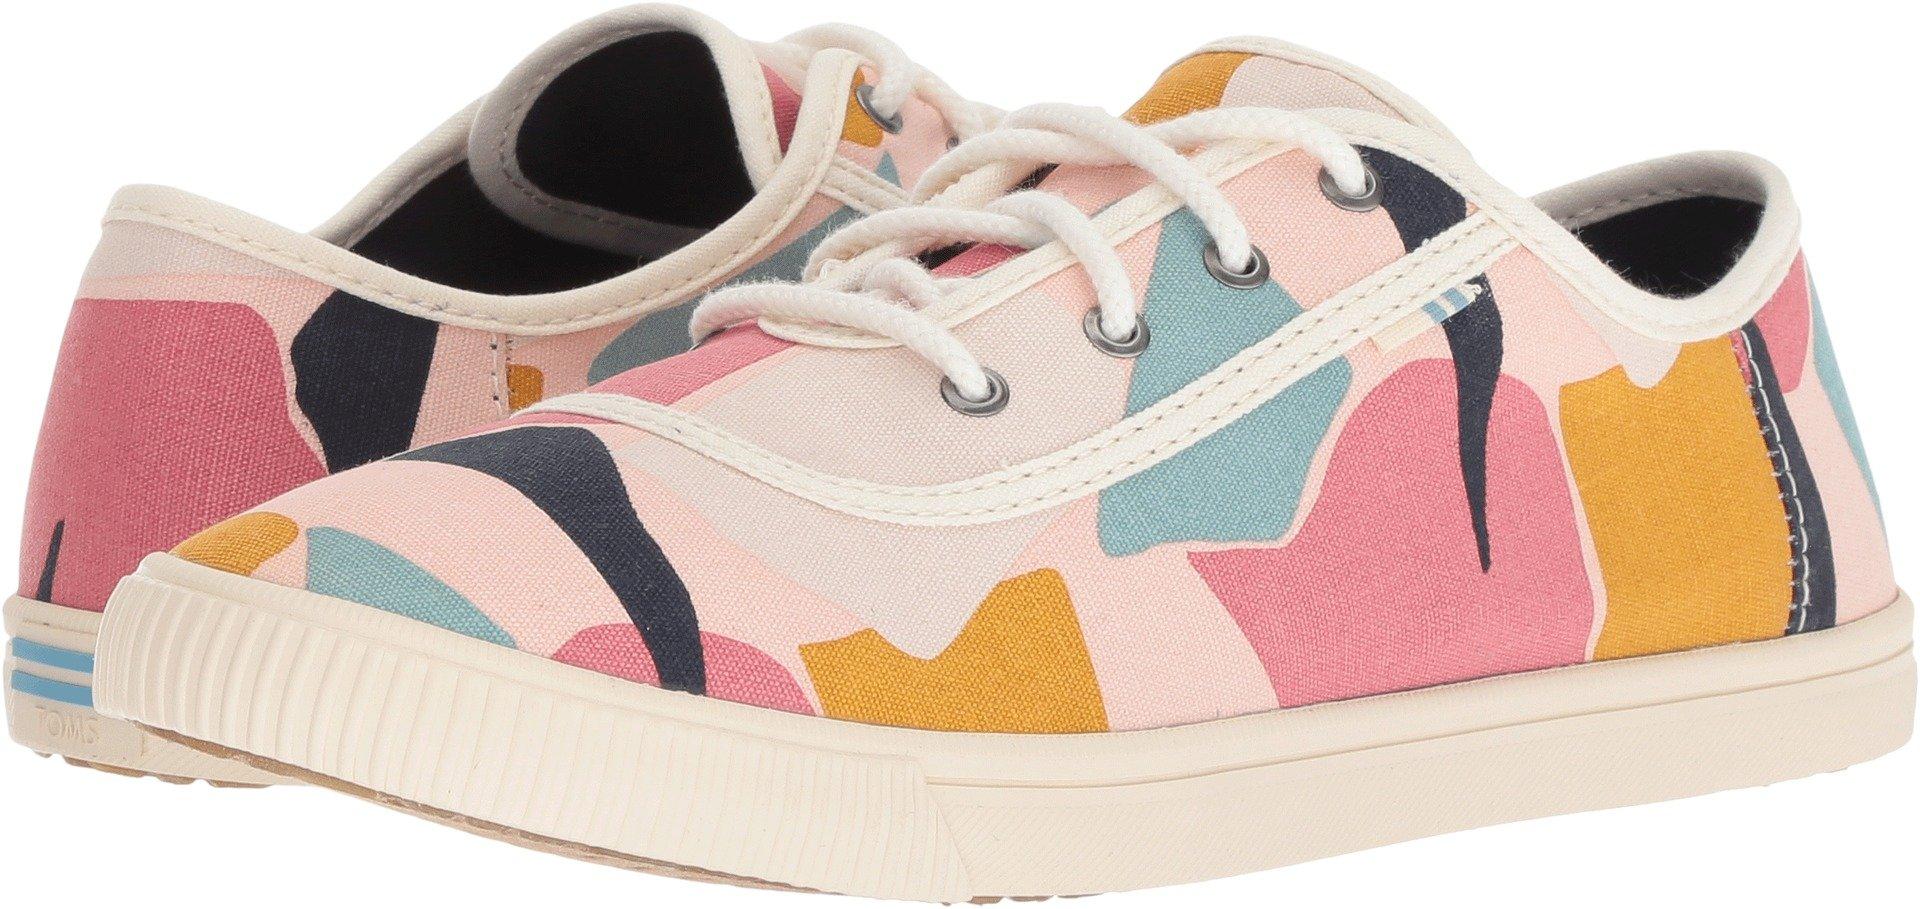 TOMS Women's Carmel Cotton Sneaker, Size: 11 B(M) US, Color Rose Glow Boulders Prt